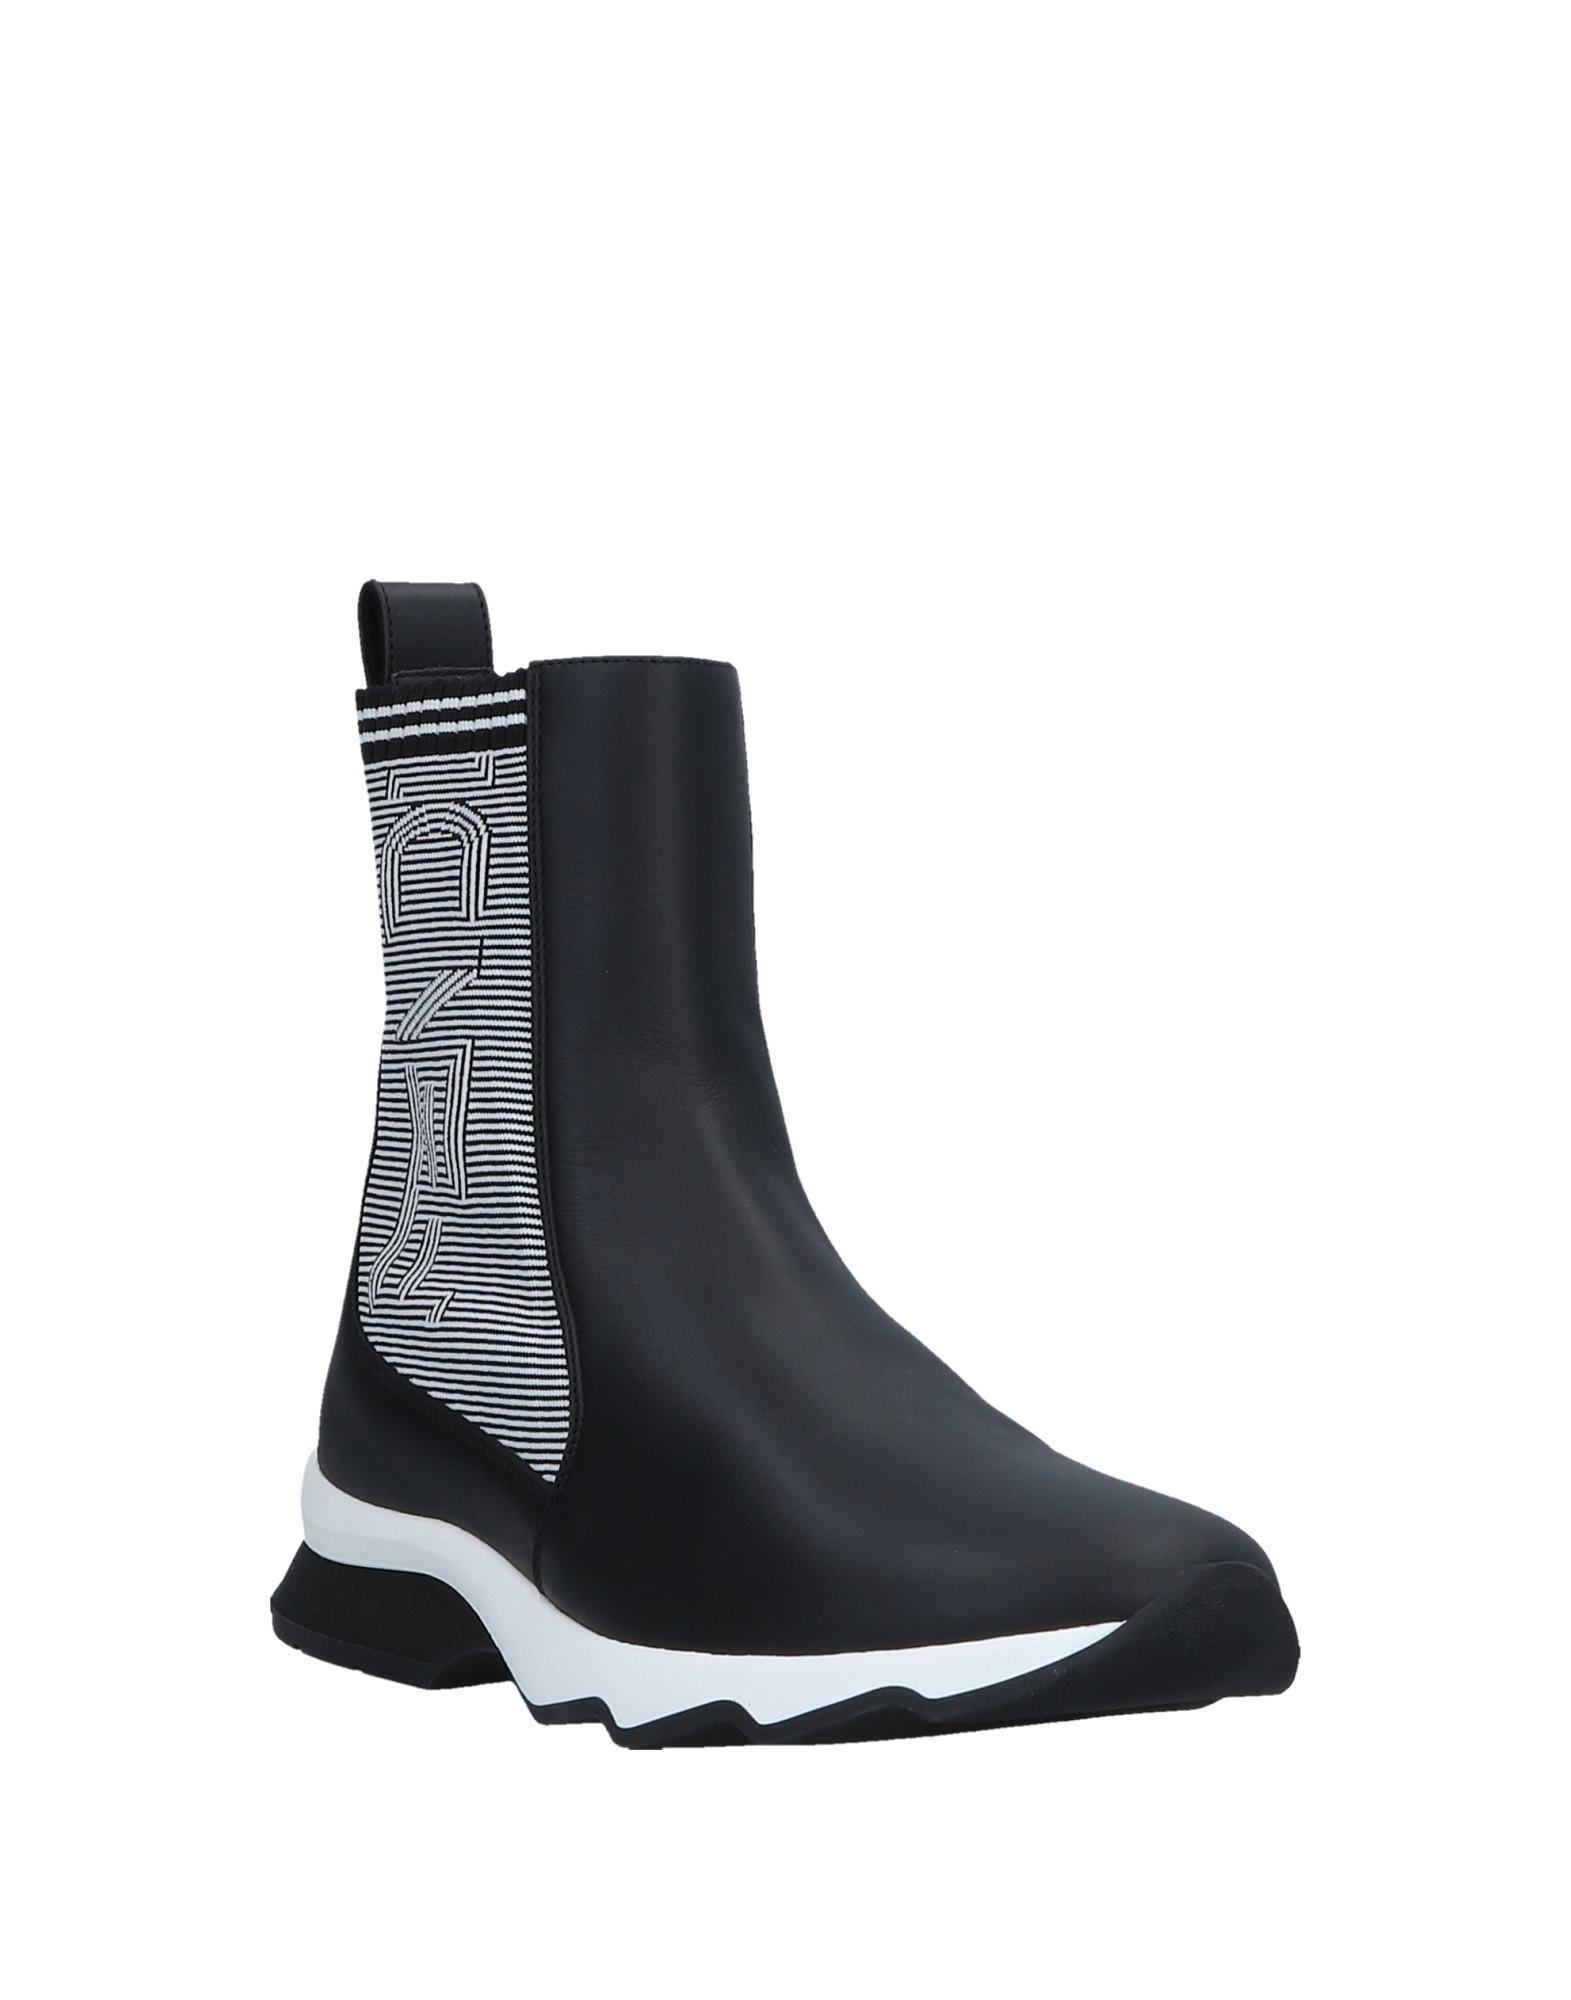 Fendi Stiefelette Damen Schuhe  11540416FOGünstige gut aussehende Schuhe Damen 7fc270